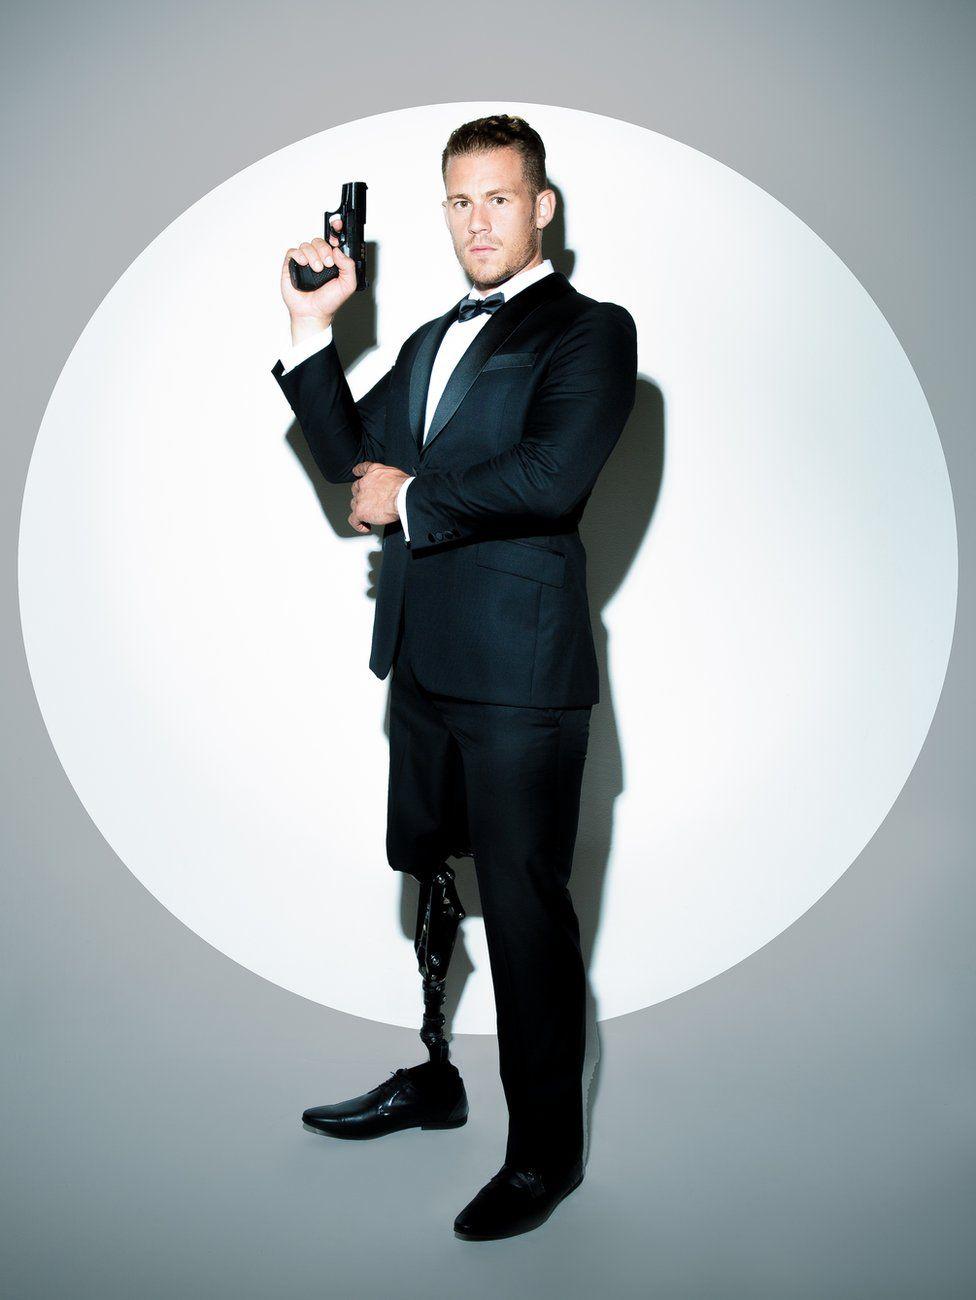 Jack Eyers as James Bond with a prosthetic leg